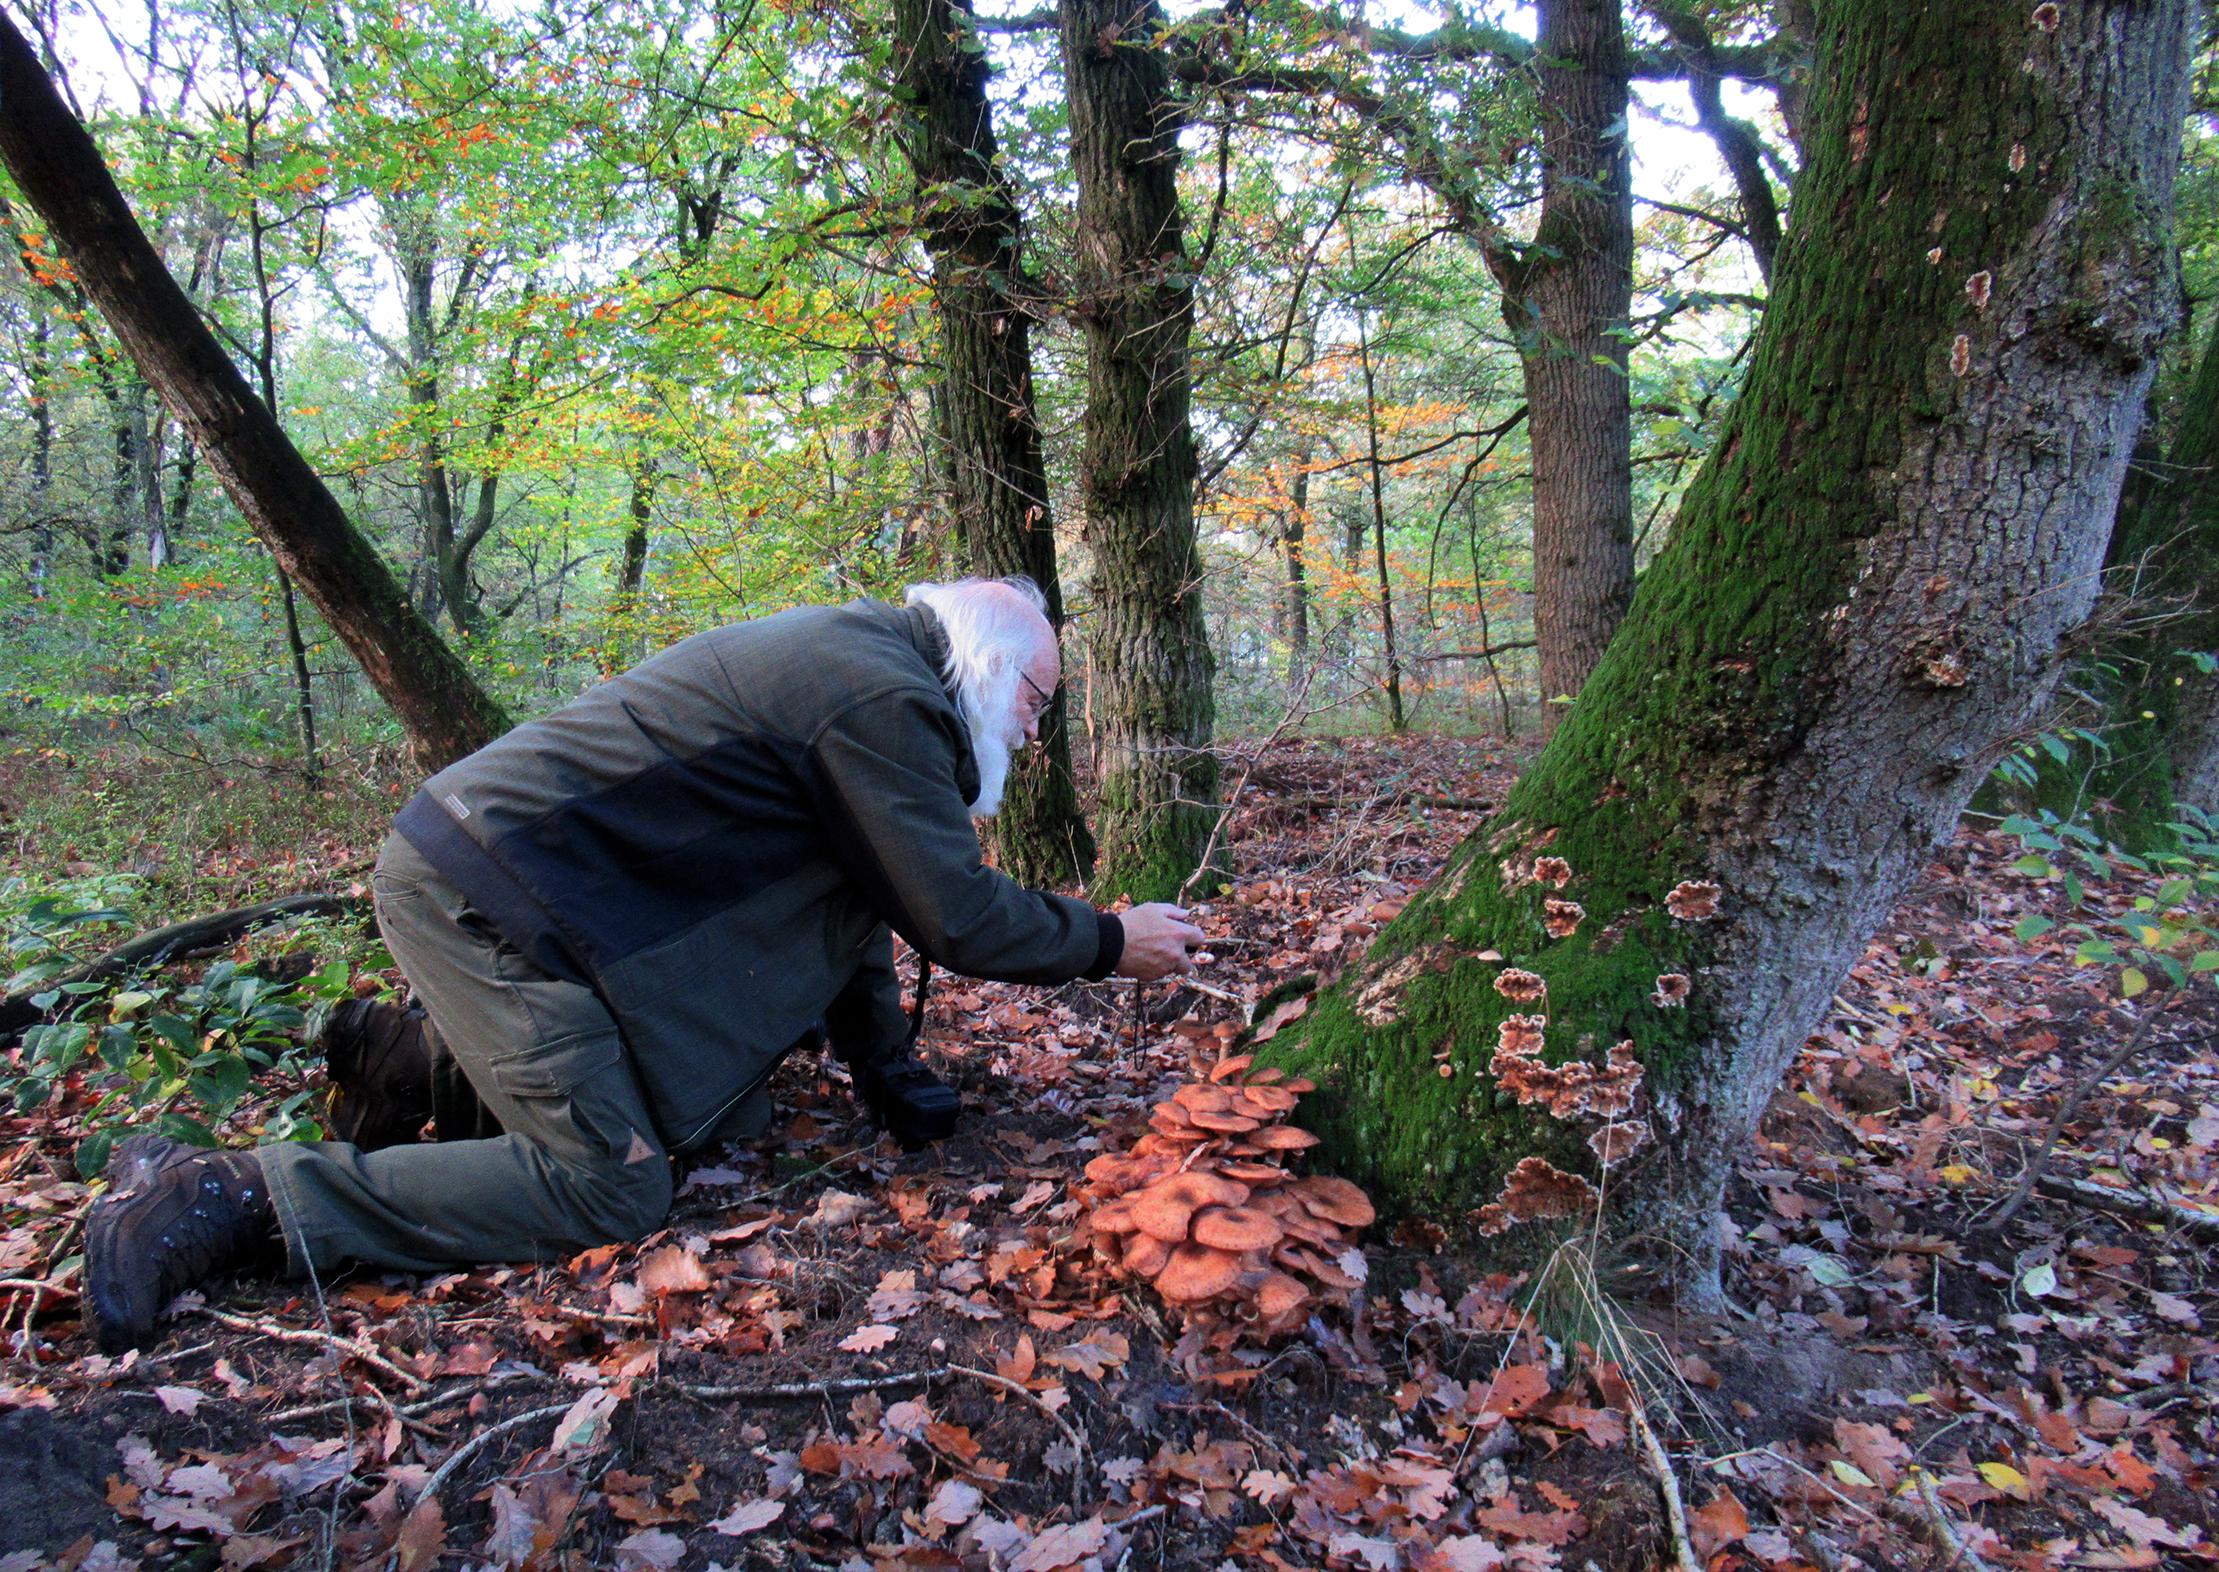 Louis gaat regelmatig door de knieën om de paddenstoelen er zo mooi mogelijk op te krijgen - Foto: ©Fransien Fraanje